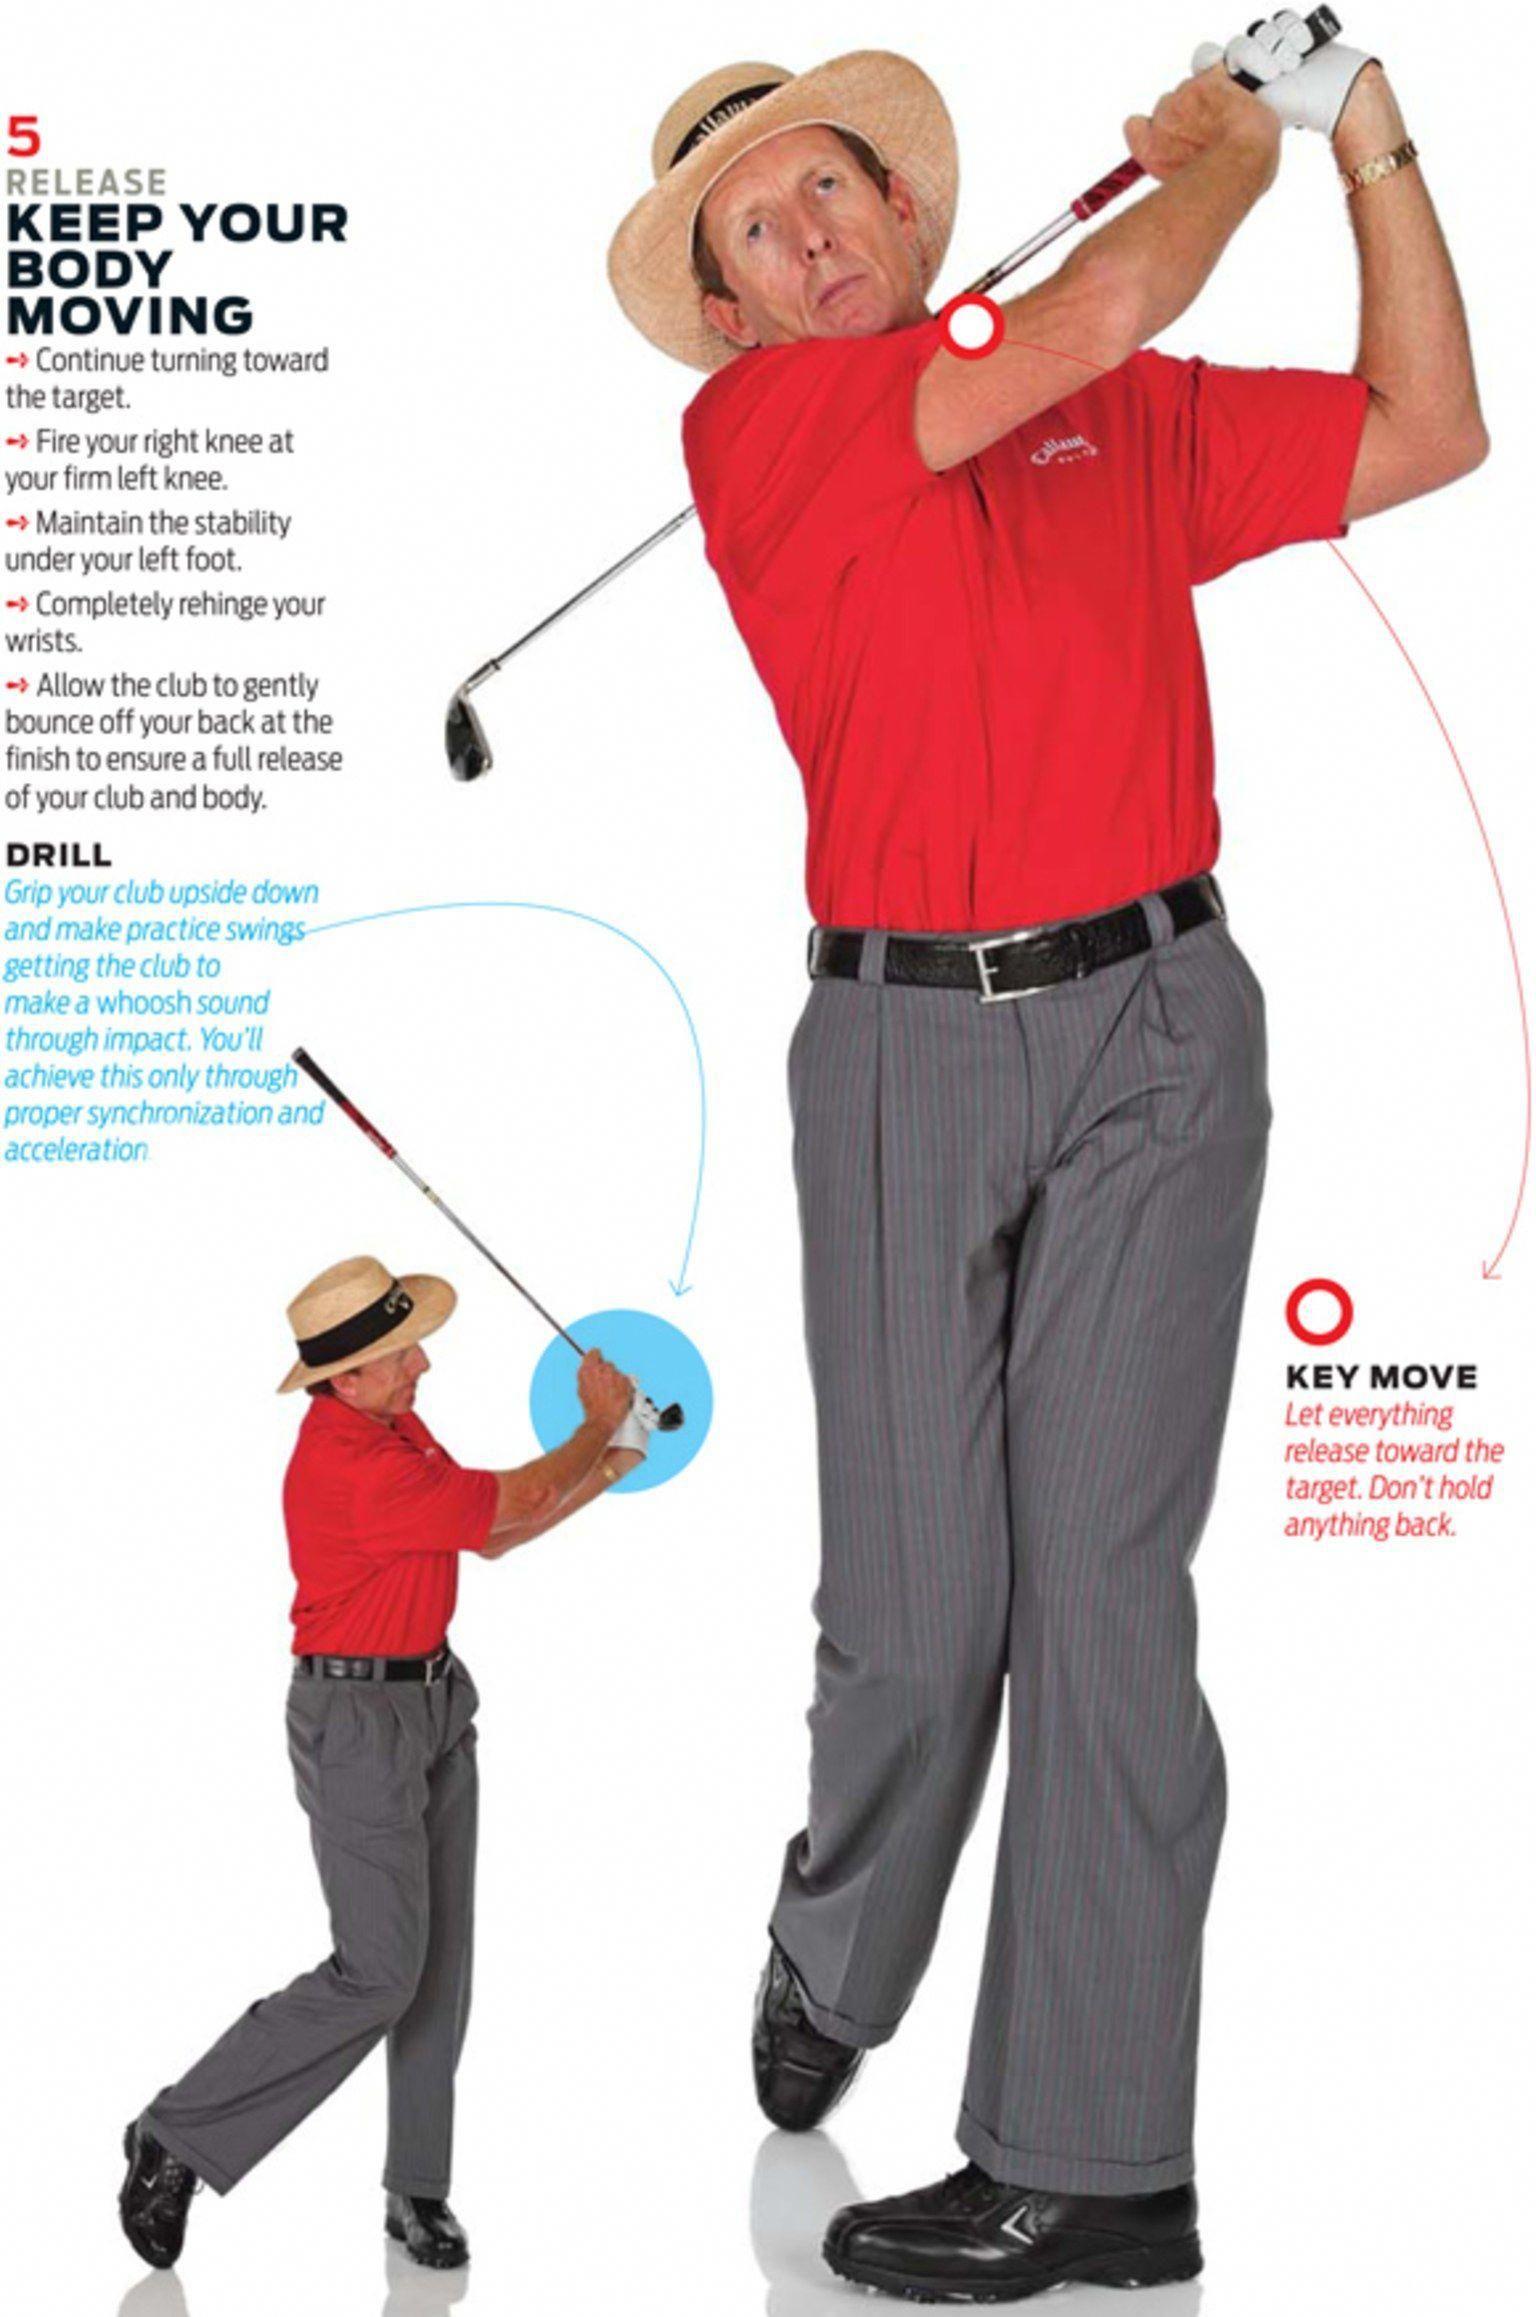 Gta 5 Golf Tips GolfTipsApproachShots PuttPuttGolf